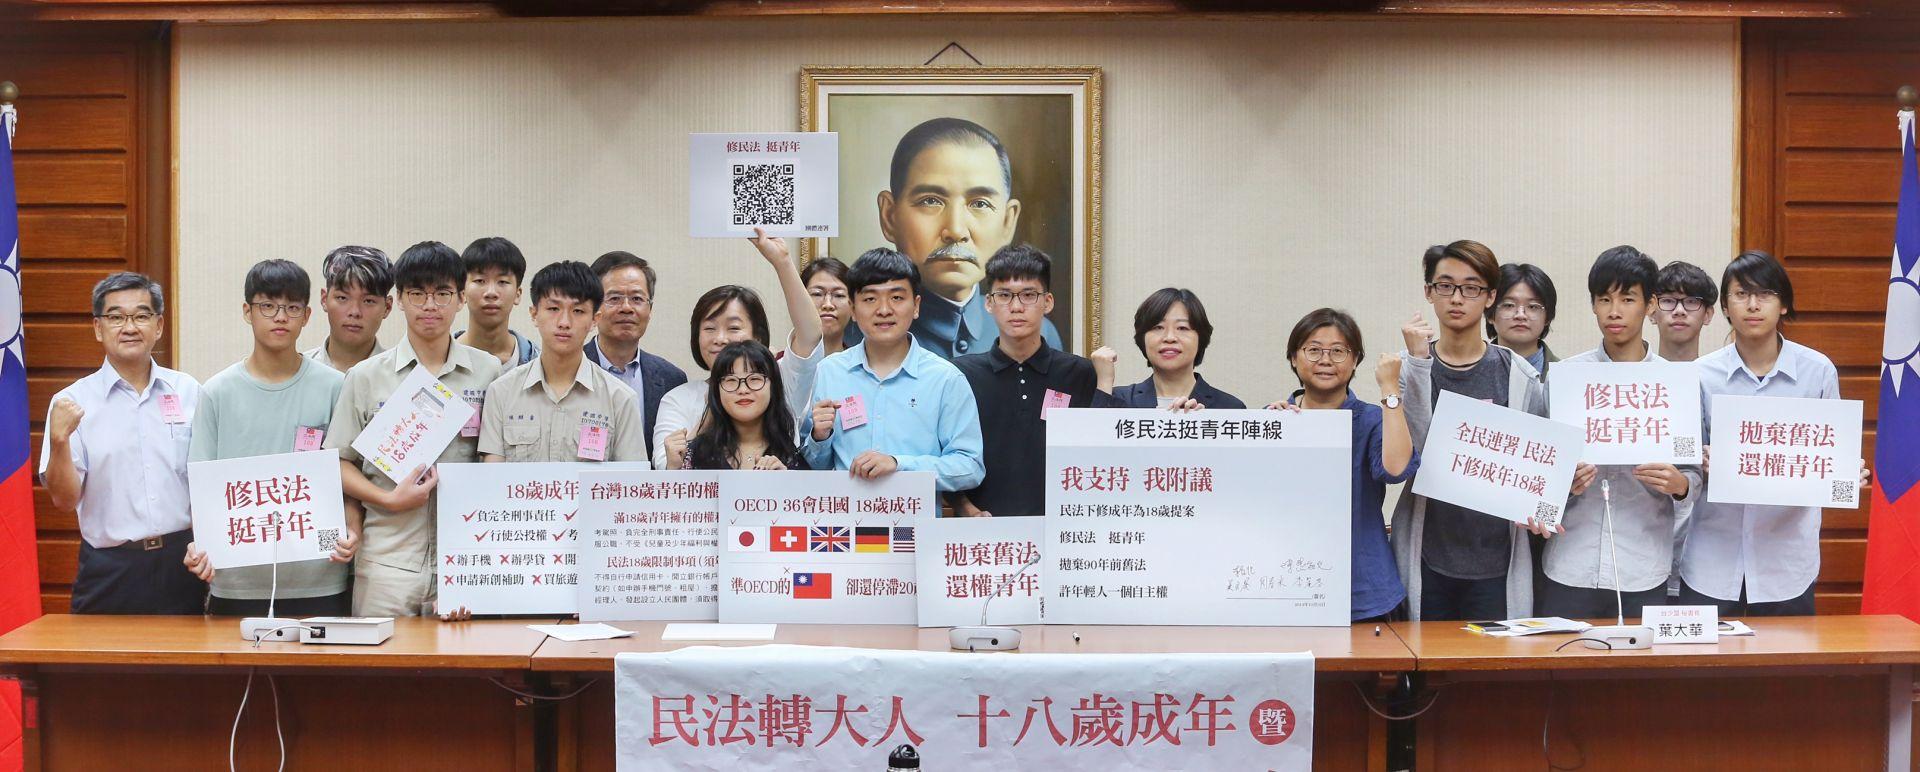 台大、建中學生齊聚怒吼要修法 「民法」竟是將台灣青年推向媽寶的溫床